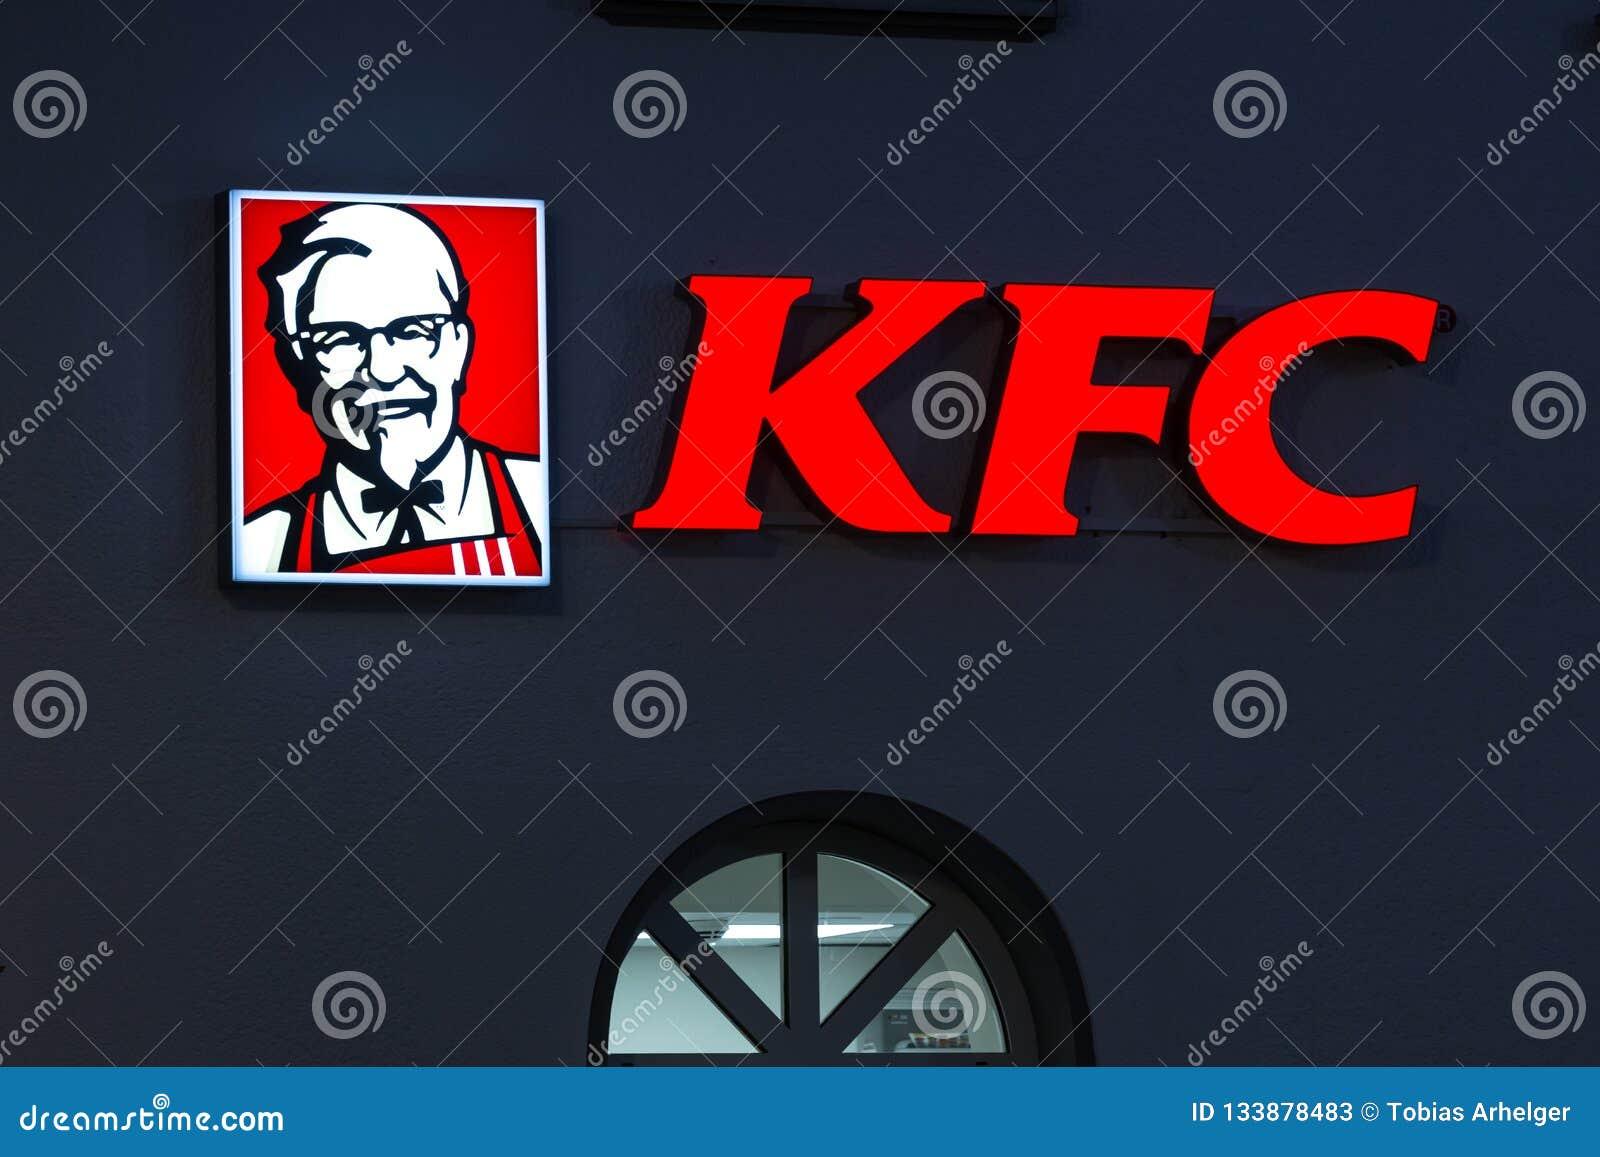 Siegen, Nordrhein-Westfalen/Deutschland - 13 11 18: KFC-Zeichen auf einem Gebäude im siegen Deutschland am Abend